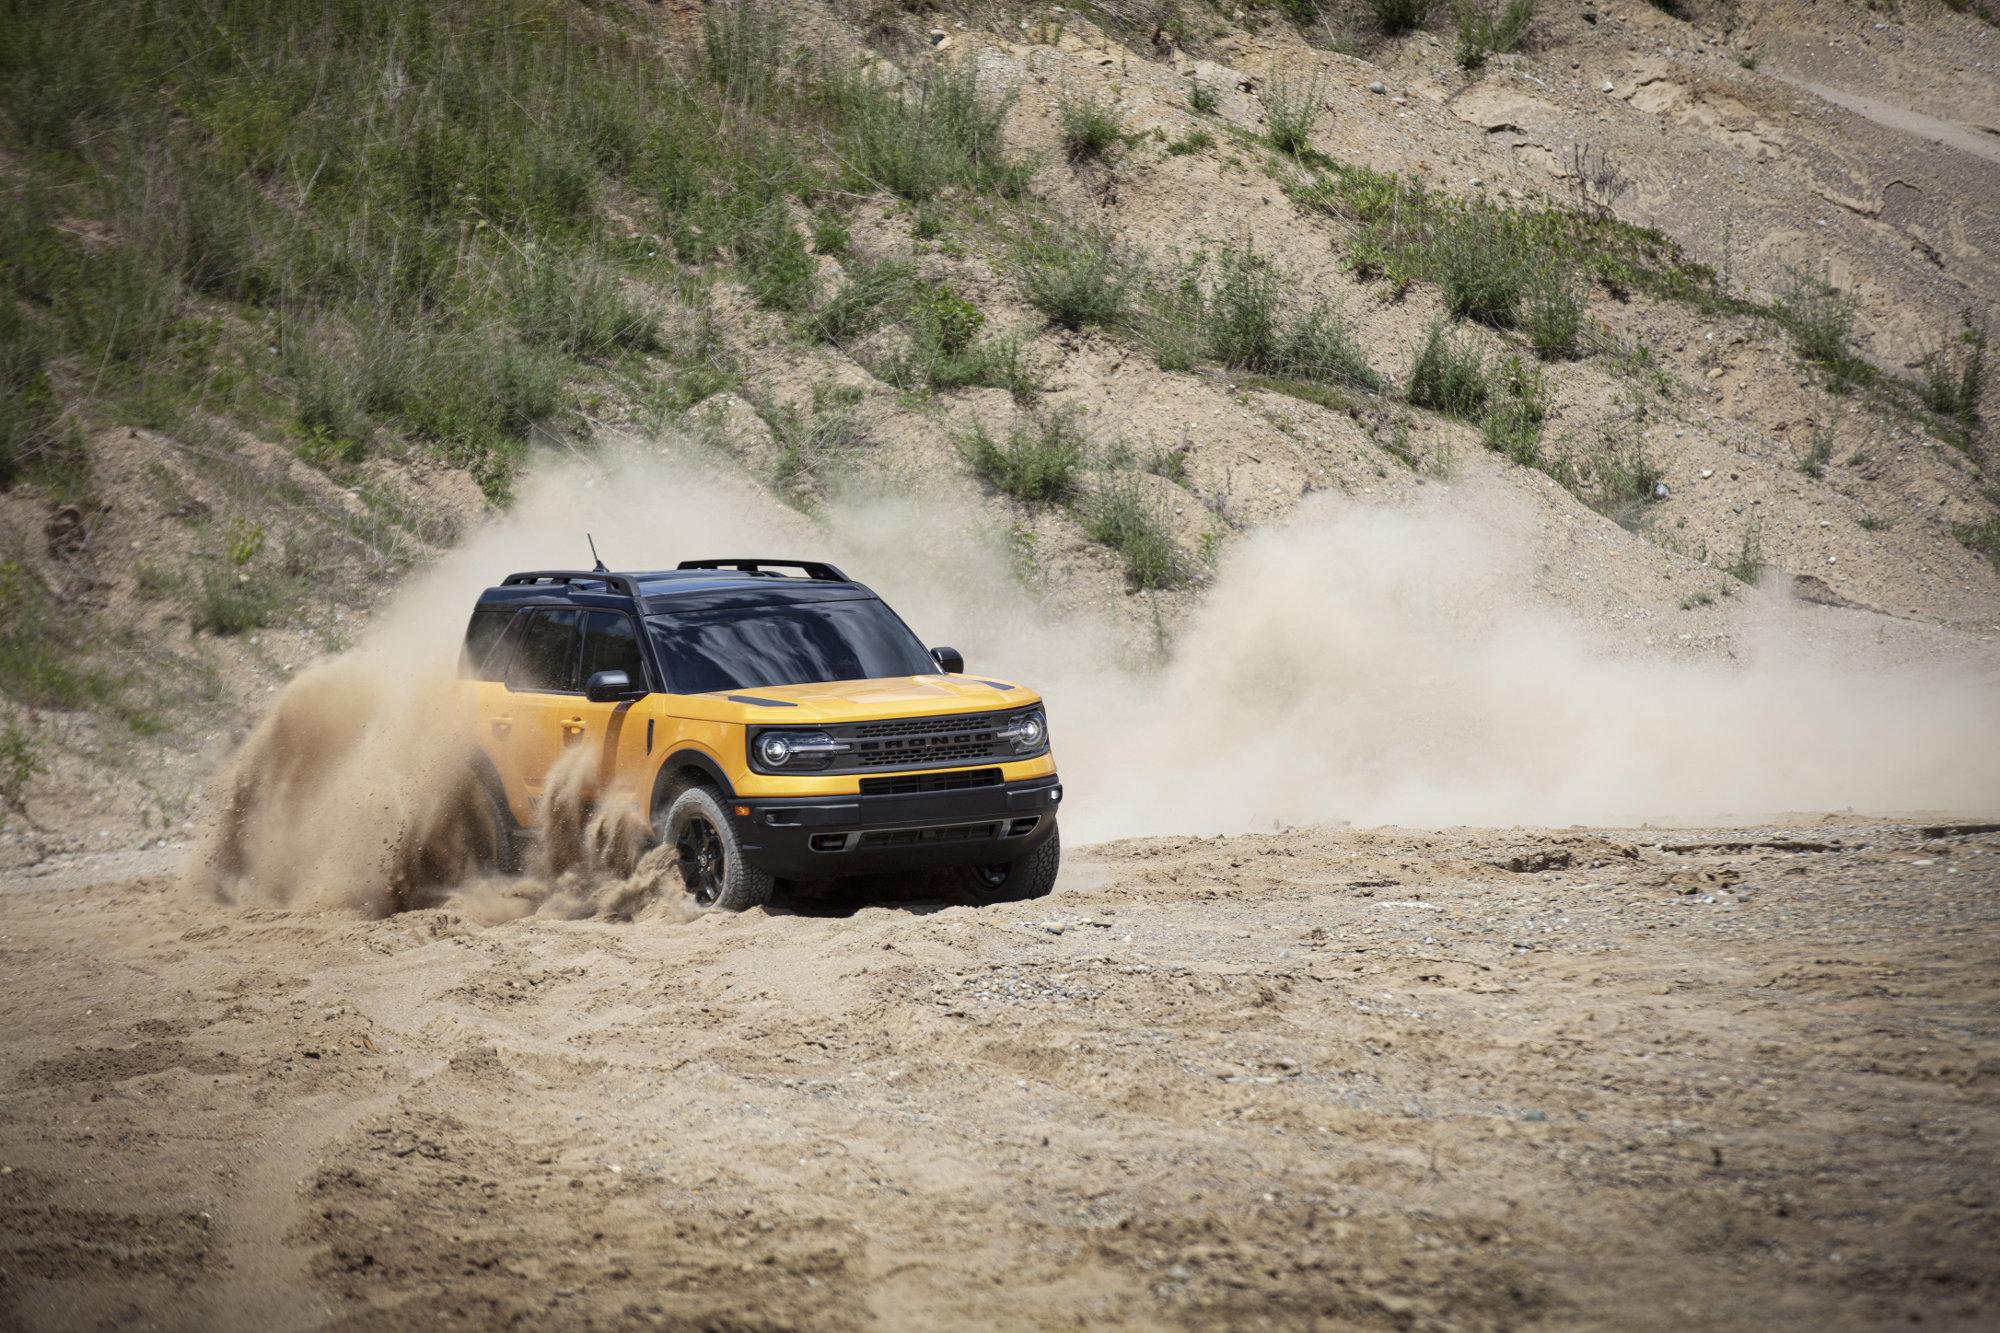 再次提升越野性能 福特Bronco将推出手动挡车型